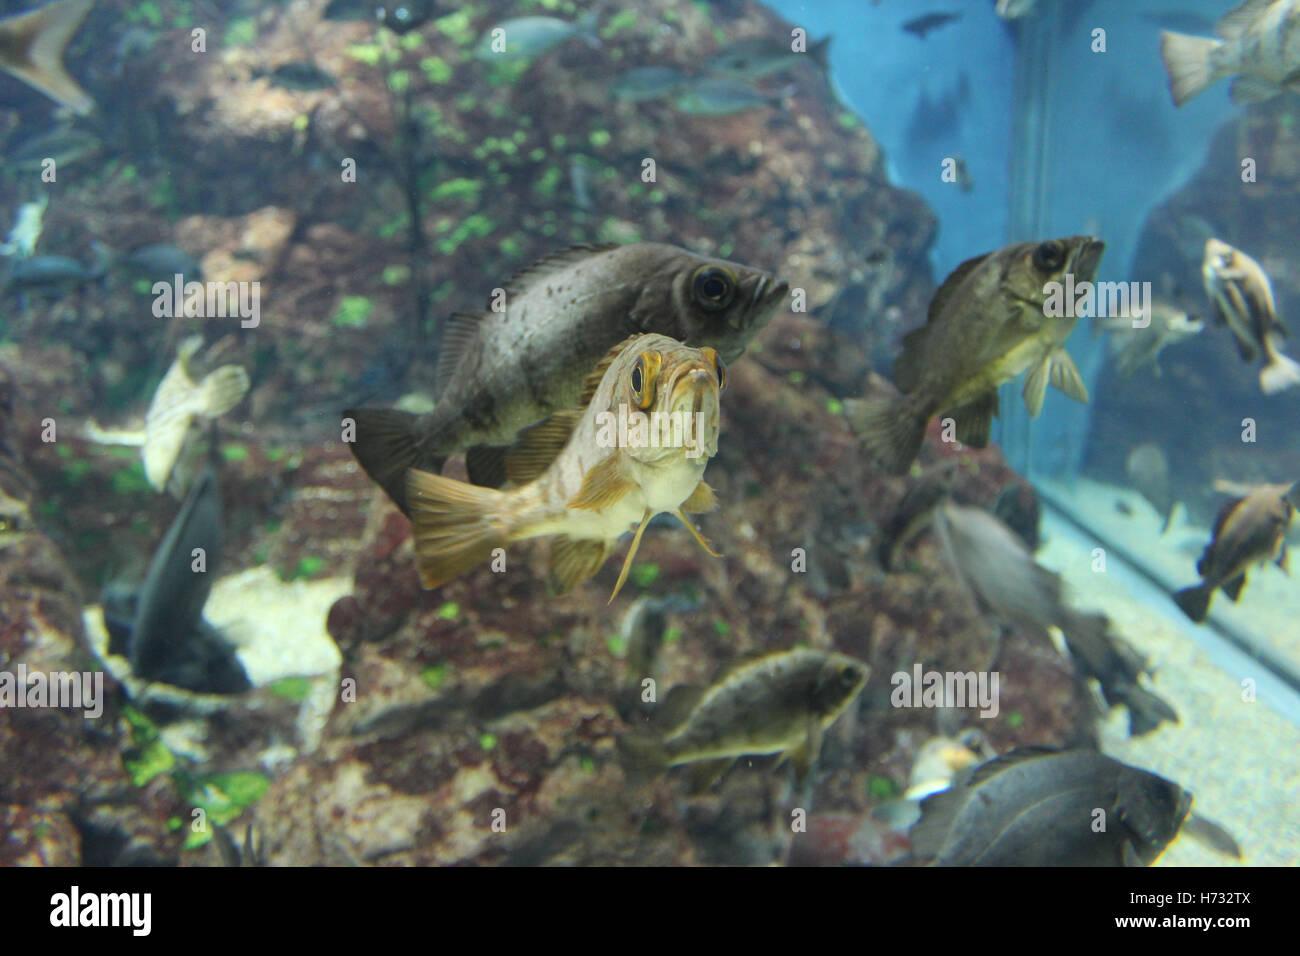 Fish aquarium japan - Fish In The Osaka Aquarium Kaiyukan Japan